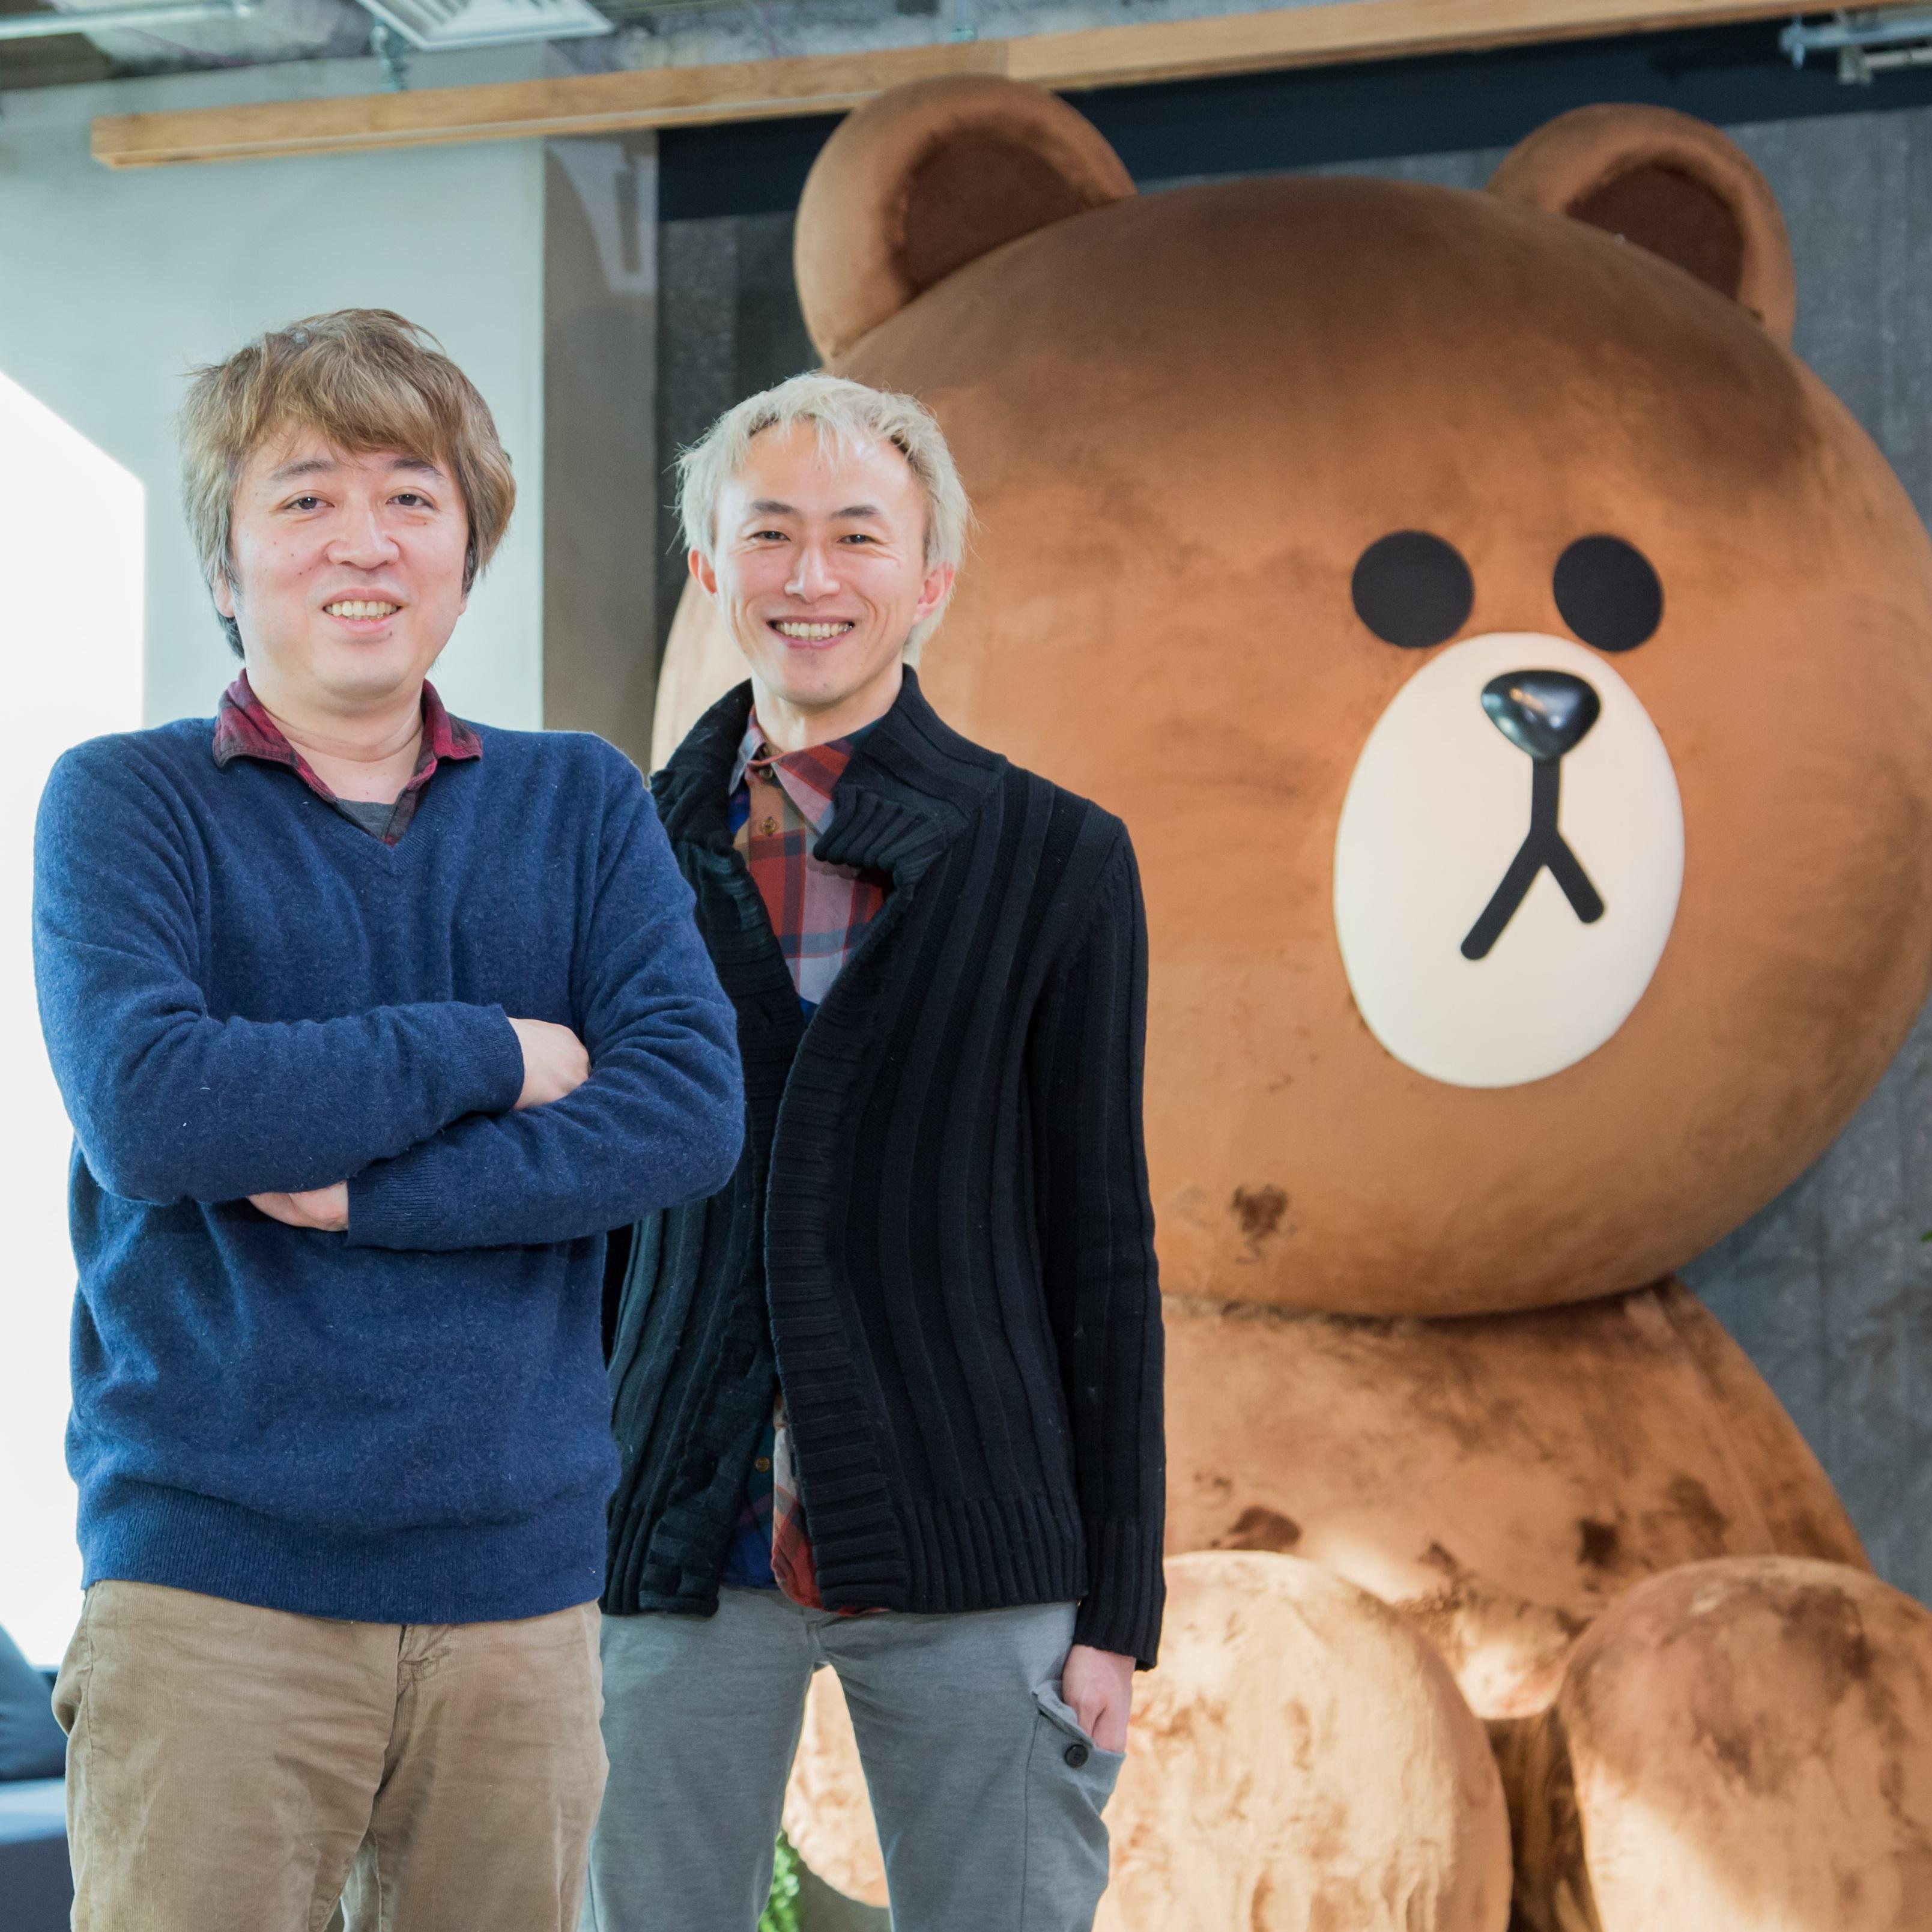 LINEが京都に新オフィスを開設! 学生